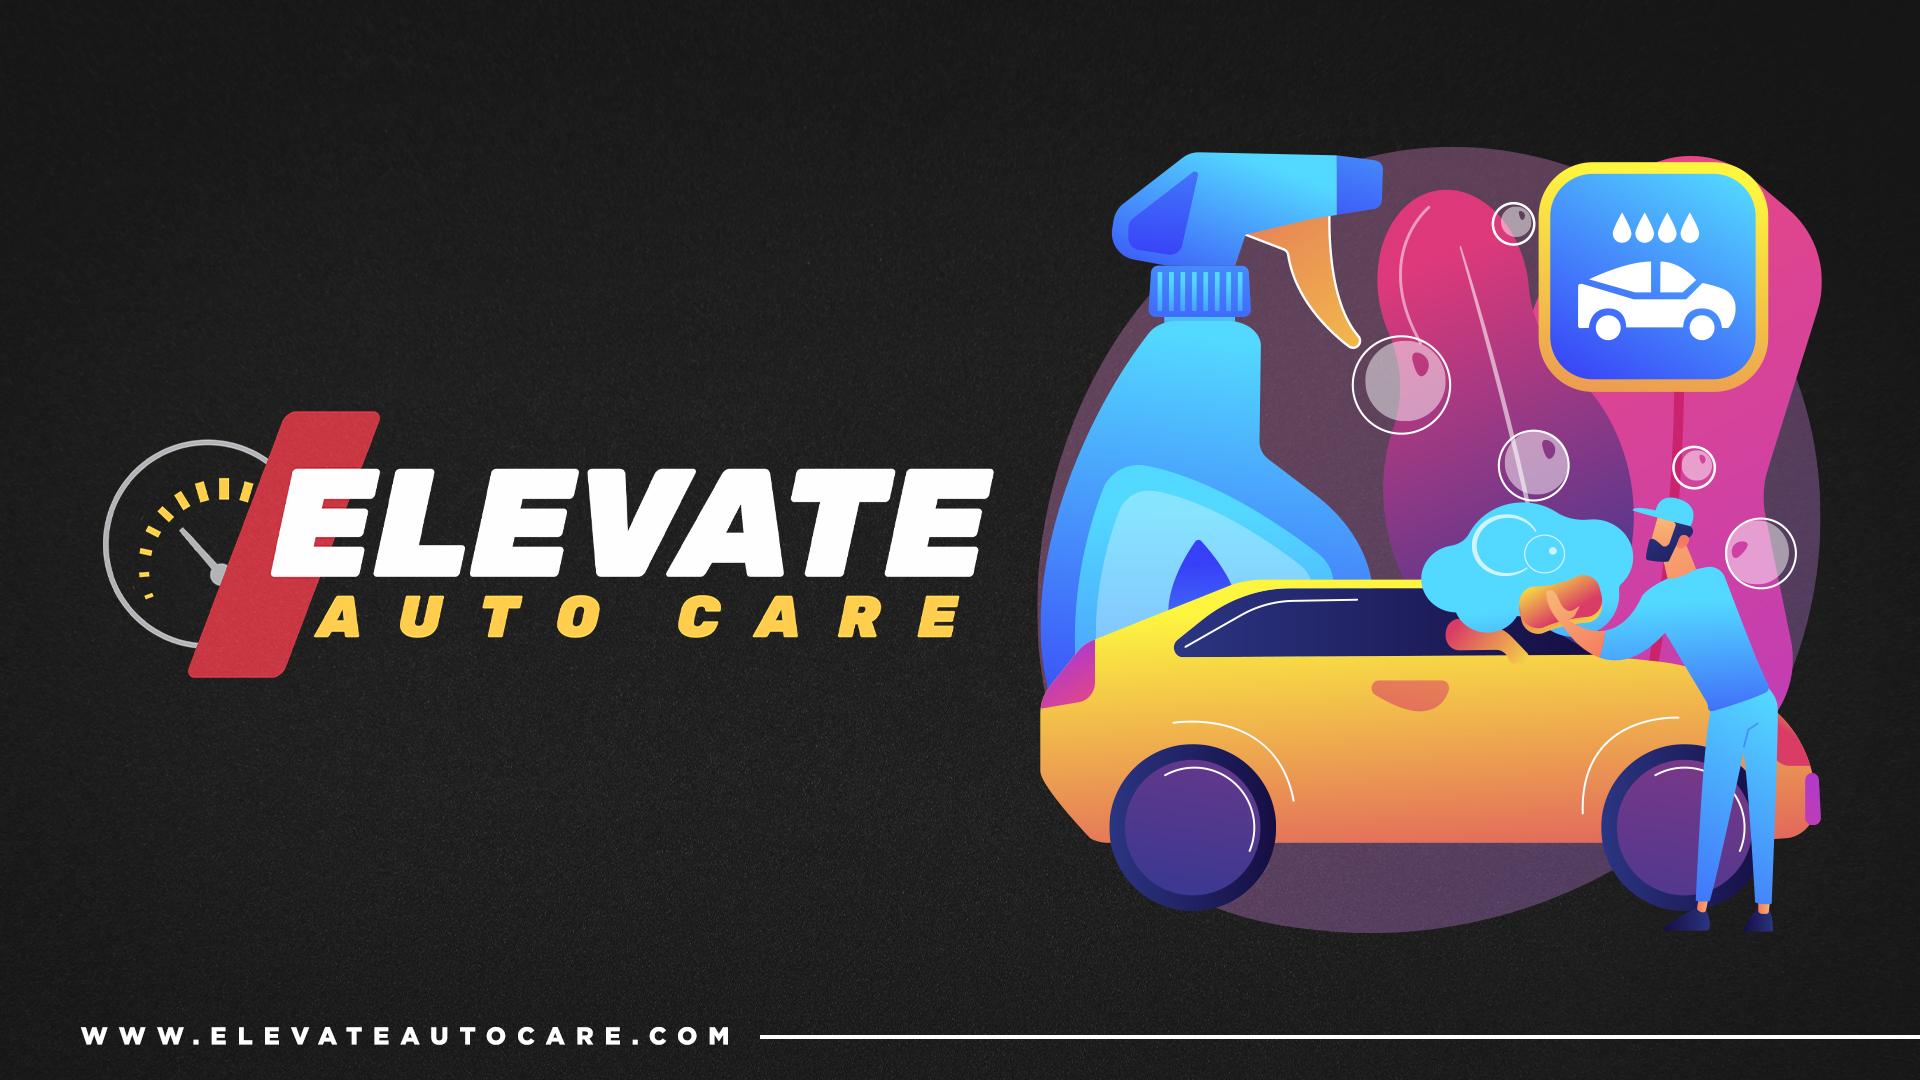 Elevate Auto Care